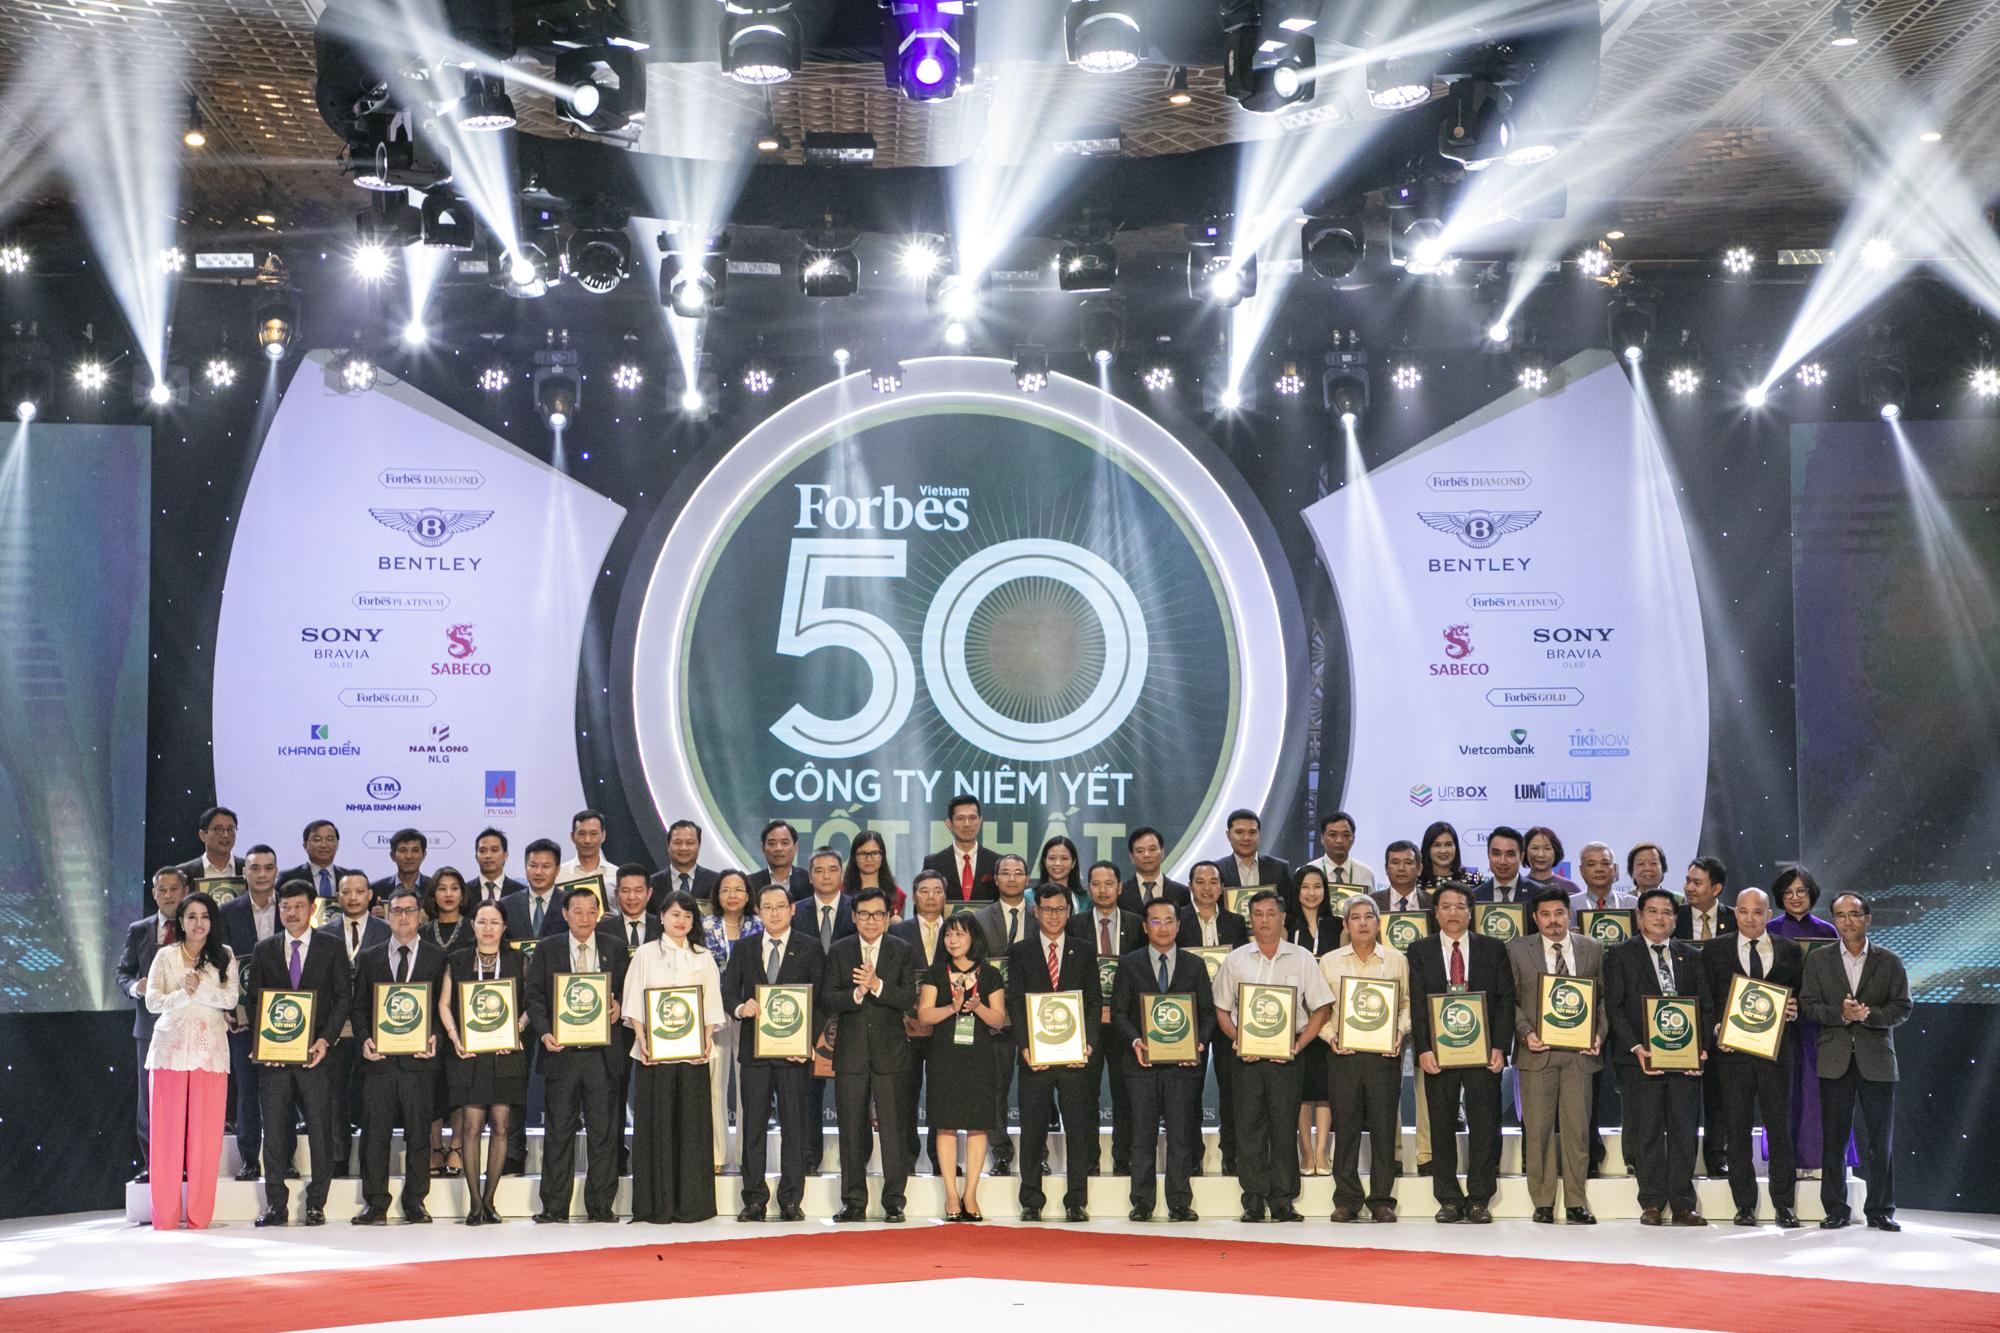 Tập đoàn Nam Long (HOSE: NLG) lần thứ 4 có mặt trong BXH 50 công ty niêm yết tốt nhất